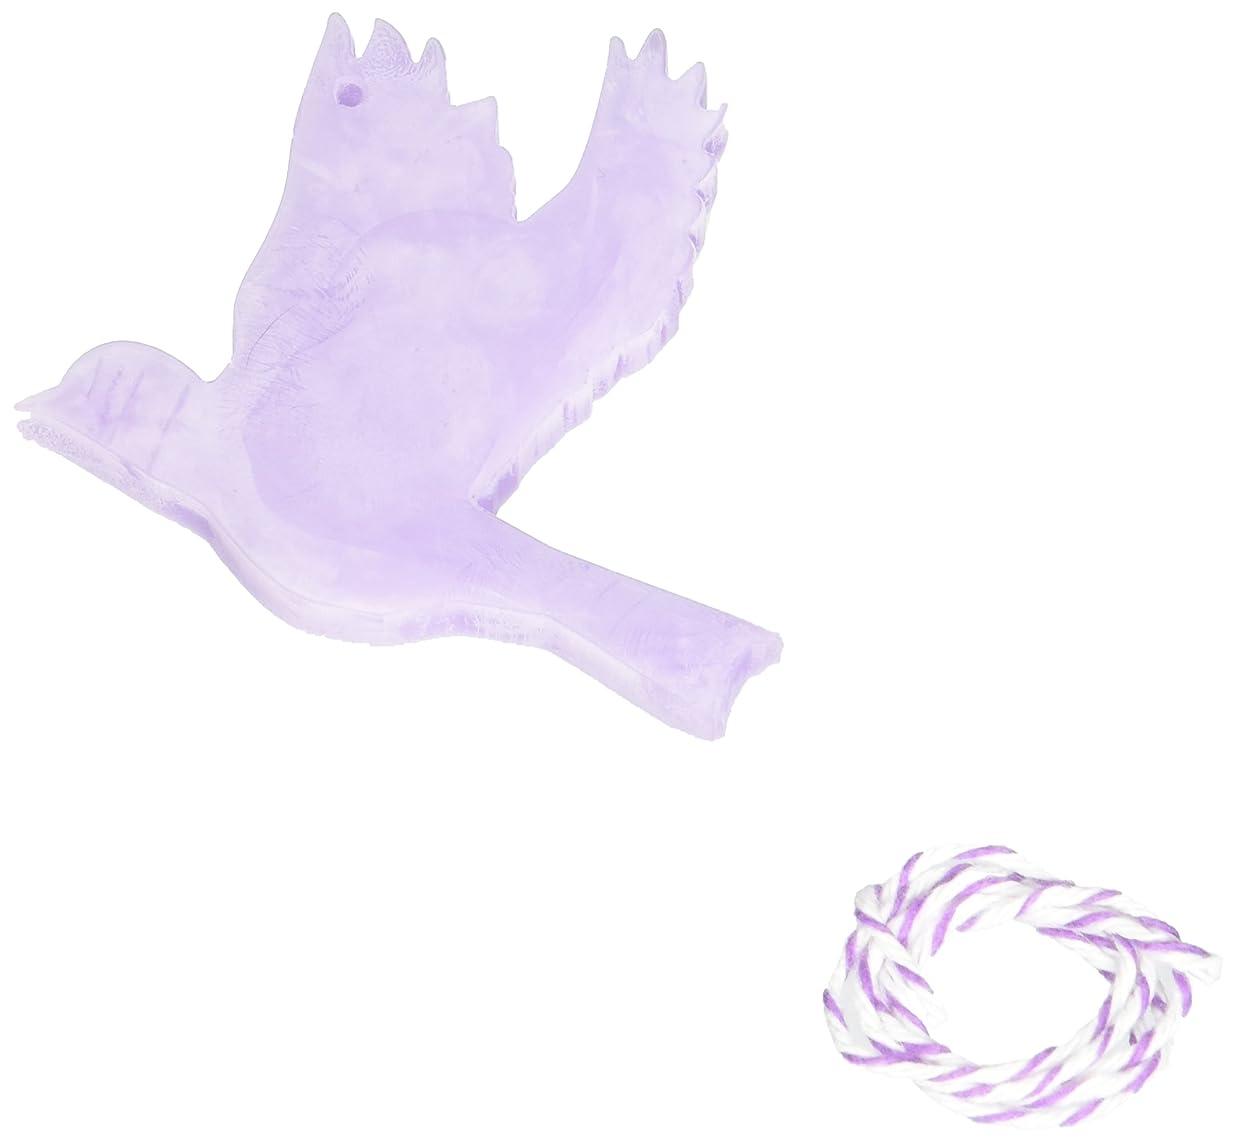 マスク保育園手伝うGRASSE TOKYO AROMATICWAXチャーム「ハト」(PU) ラベンダー アロマティックワックス グラーストウキョウ